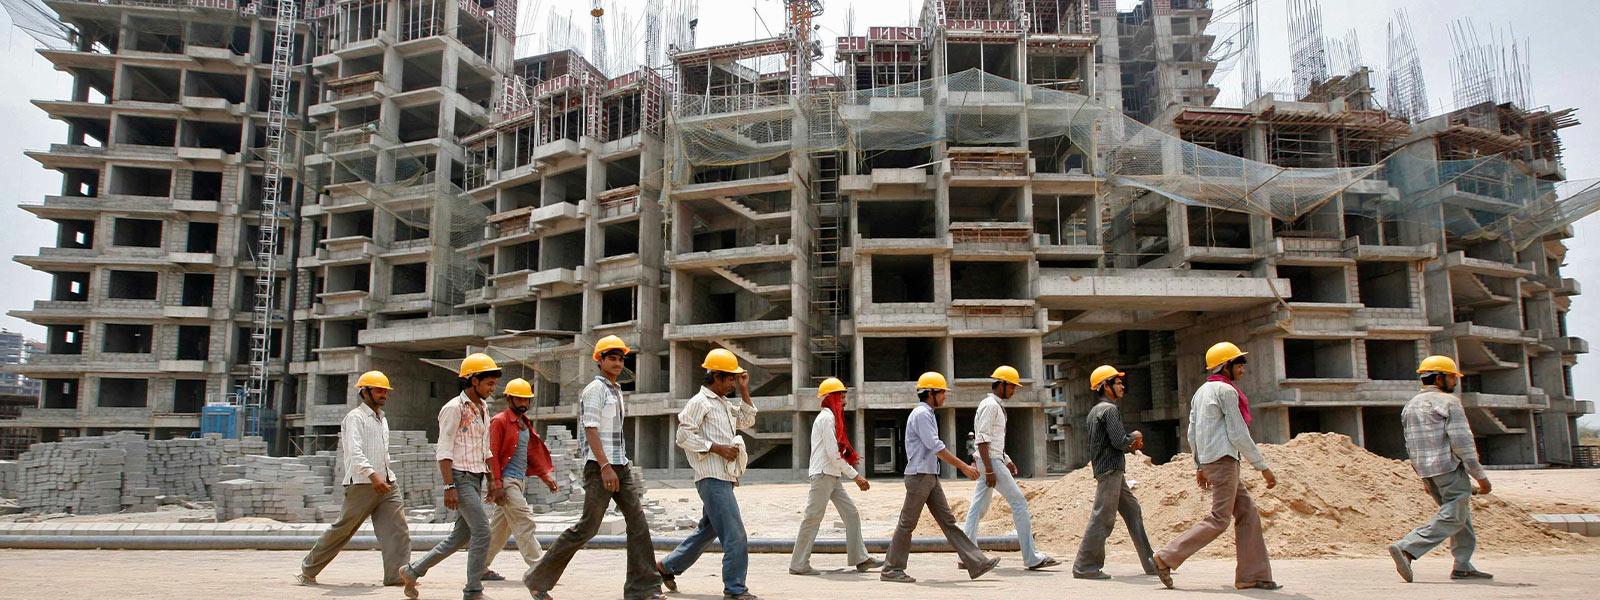 Workers walking